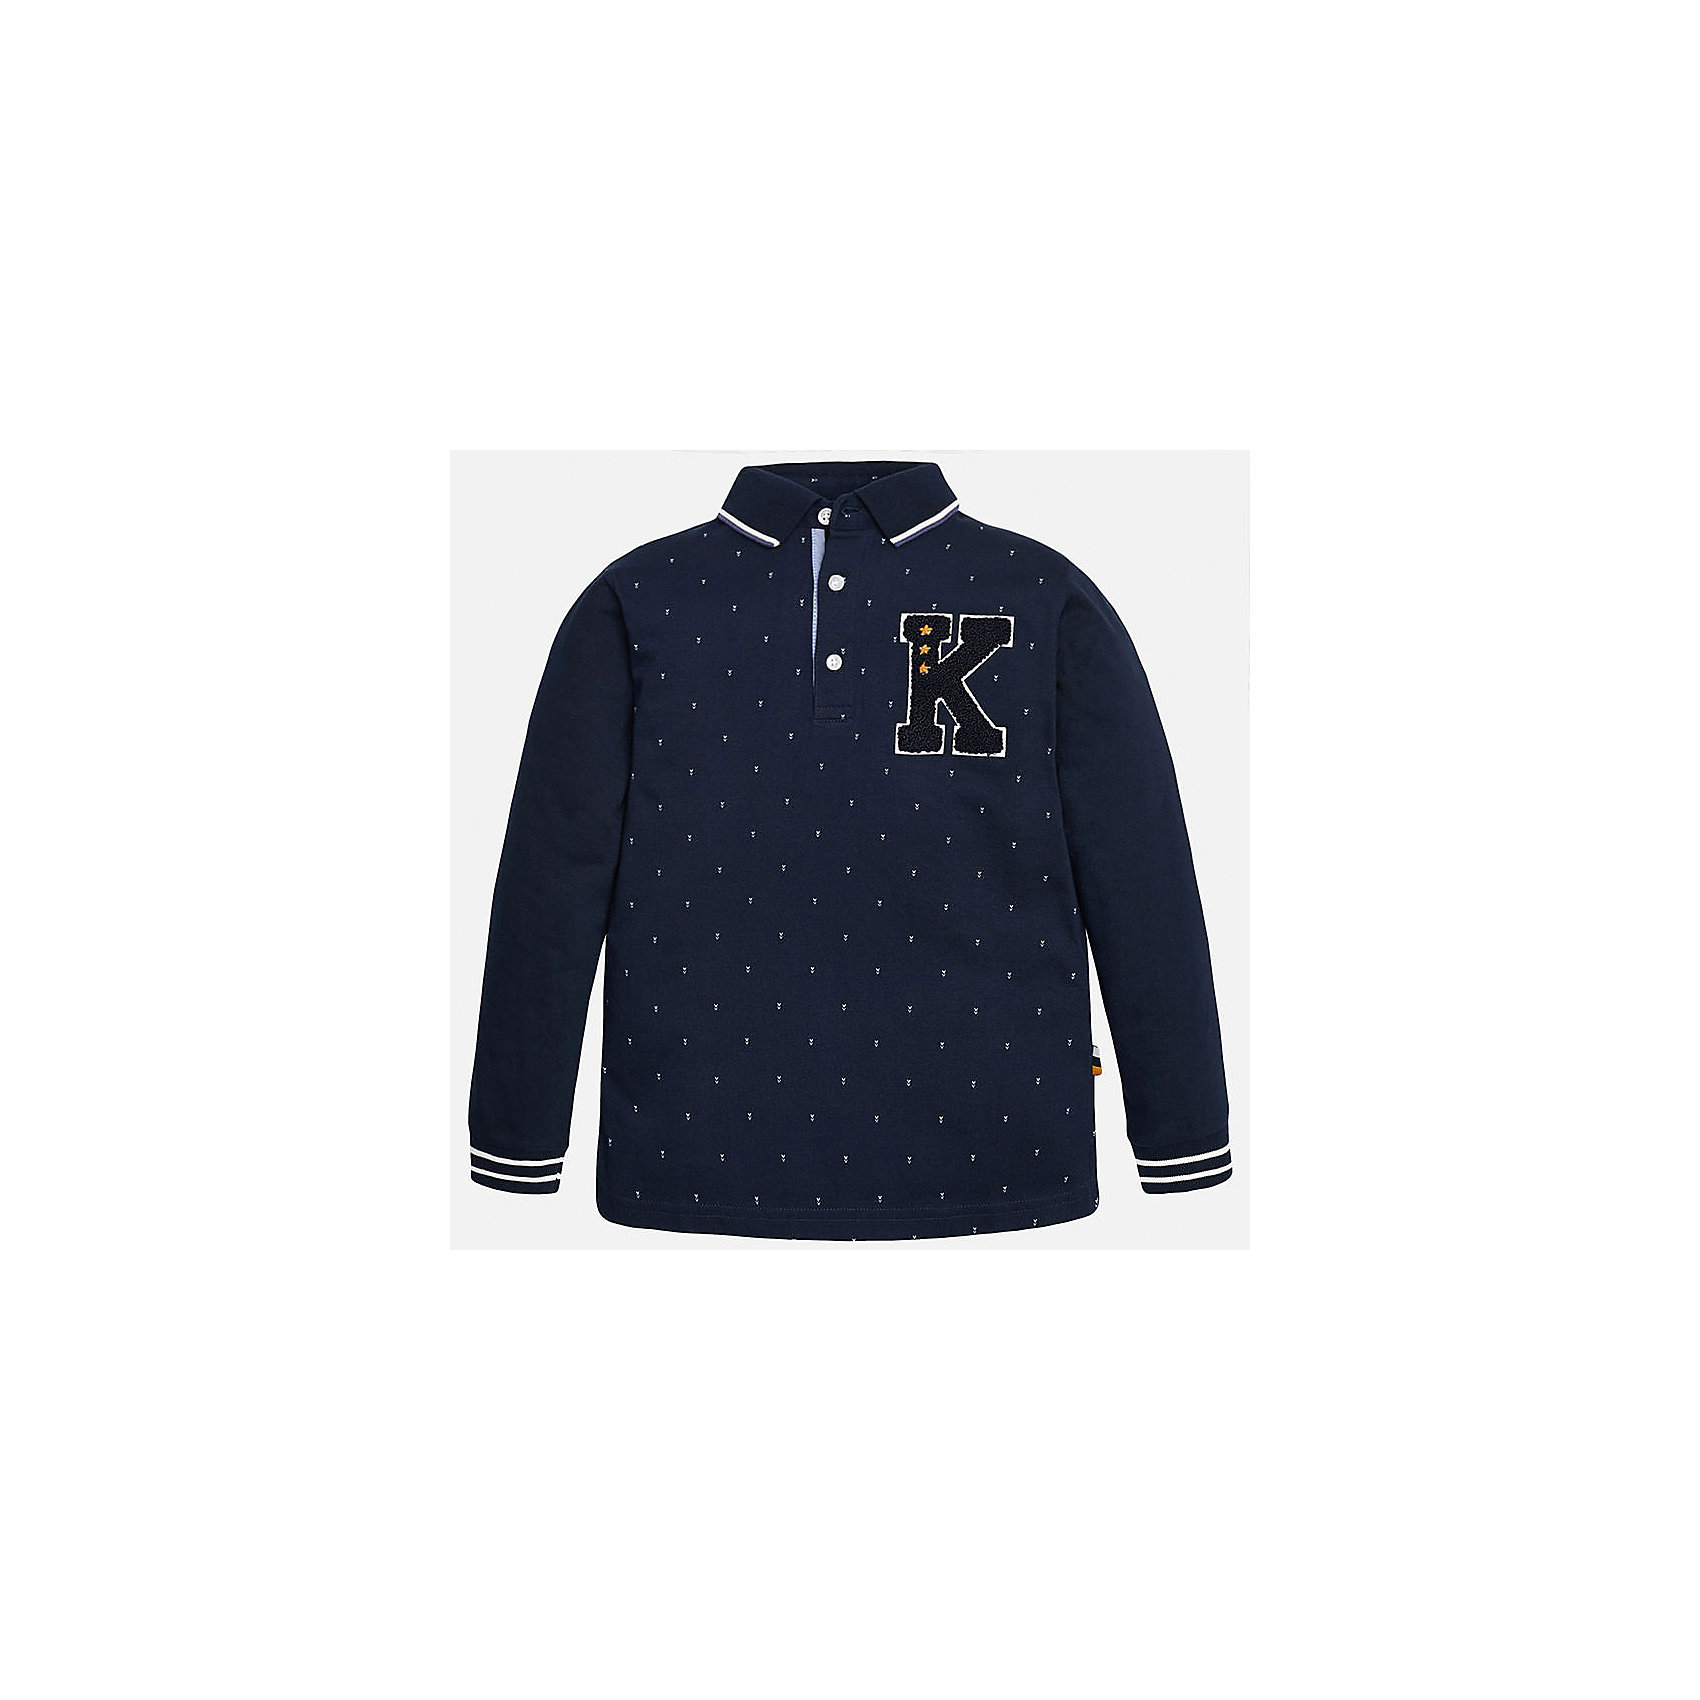 Рубашка-поло для мальчика MayoralРубашка-поло для мальчика известного испанского бренда Mayoral (Майорал). Стильная и удобная рубашка на каждый день. Приятная ткань темно-синего цвета в белую крапинку прекрасно сочетается с темно-синими рукавами и белыми полосками на откидном воротничке и манжетах (манжеты пресдтавлены в виде трикотажной резинки). Рубашка застегивается на три белые пуговицы с дизайном, а качественная махровая нашивка в спортивном стиле придет по вкусу вашему ребенку. Рубашка-поло отлично подойдет как к брюкам, так и к джинсам или штанам спортивного стиля, кроме того, ее можно носить поверх обычной рубашки.<br><br>Дополнительная информация:<br><br>- Рукав: длинный<br>- Силуэт: прямой<br>Состав: 100% хлопок<br><br>Рубашку- поло для мальчиков Mayoral (Майорал) можно купить в нашем интернет-магазине.<br><br>Подробнее:<br>• Для детей в возрасте: от 9 до 14 лет<br>• Номер товара: 4826815<br>Страна производитель: Индия<br><br>Ширина мм: 174<br>Глубина мм: 10<br>Высота мм: 169<br>Вес г: 157<br>Цвет: синий<br>Возраст от месяцев: 168<br>Возраст до месяцев: 180<br>Пол: Мужской<br>Возраст: Детский<br>Размер: 164/170,158/164,152/158,146/152,140/146,128/134<br>SKU: 4826814